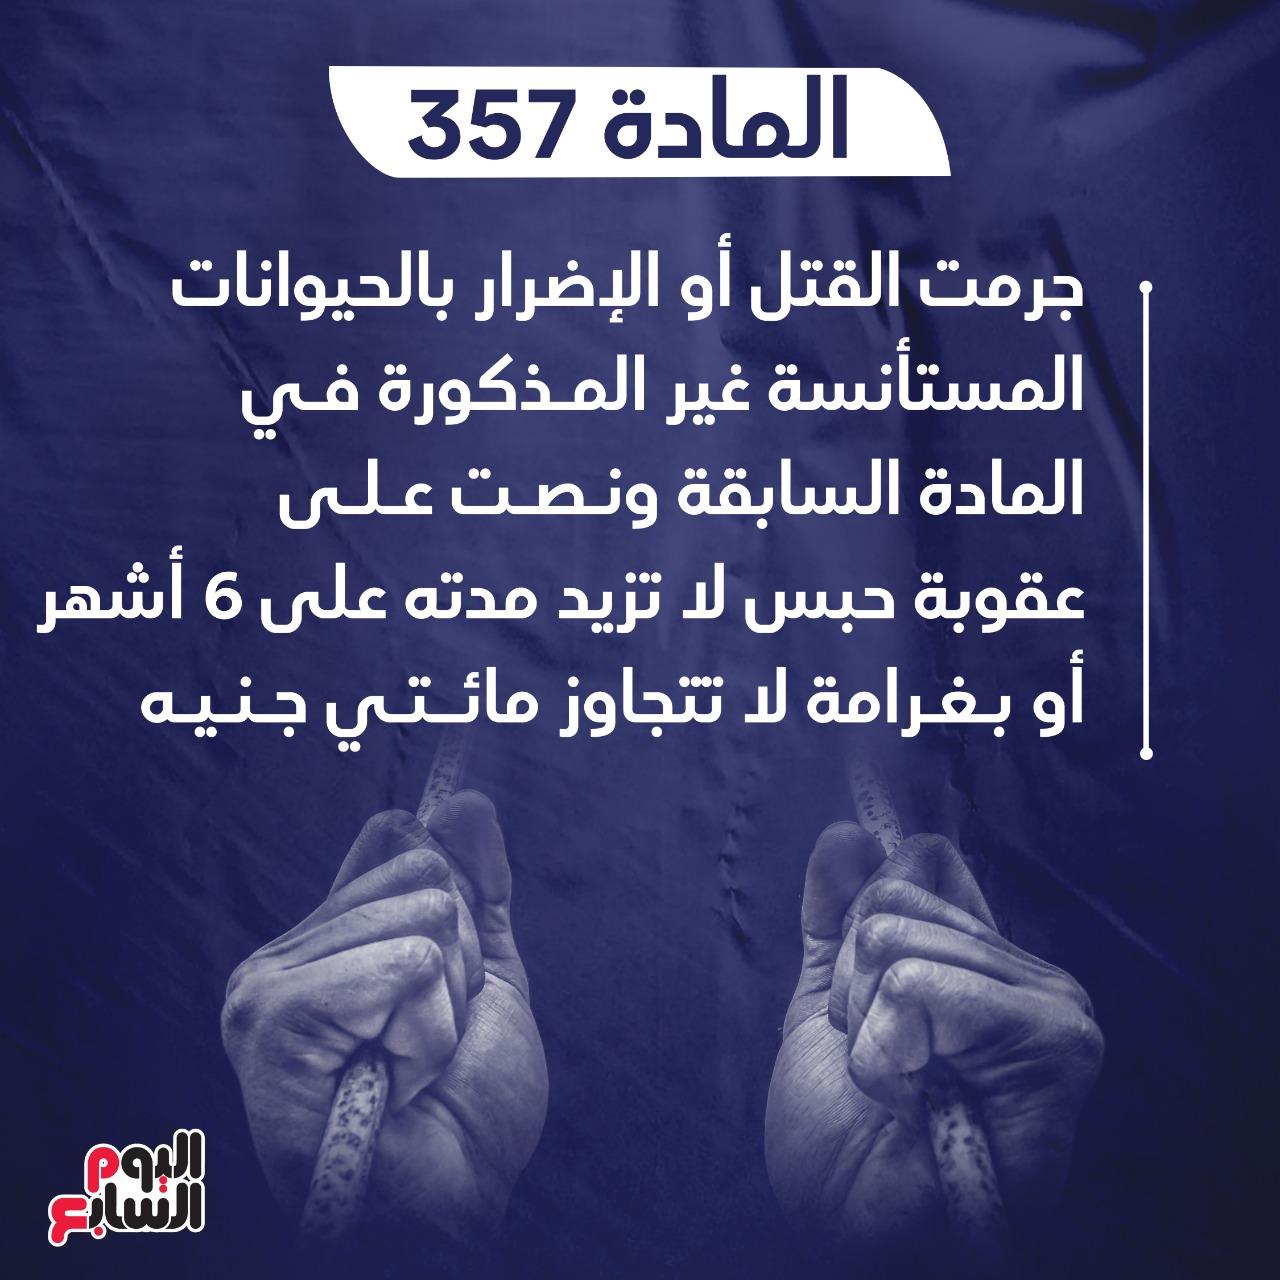 السجن 7 سنوات عقوبة واقعة السحل فى الإسكندرية (4)